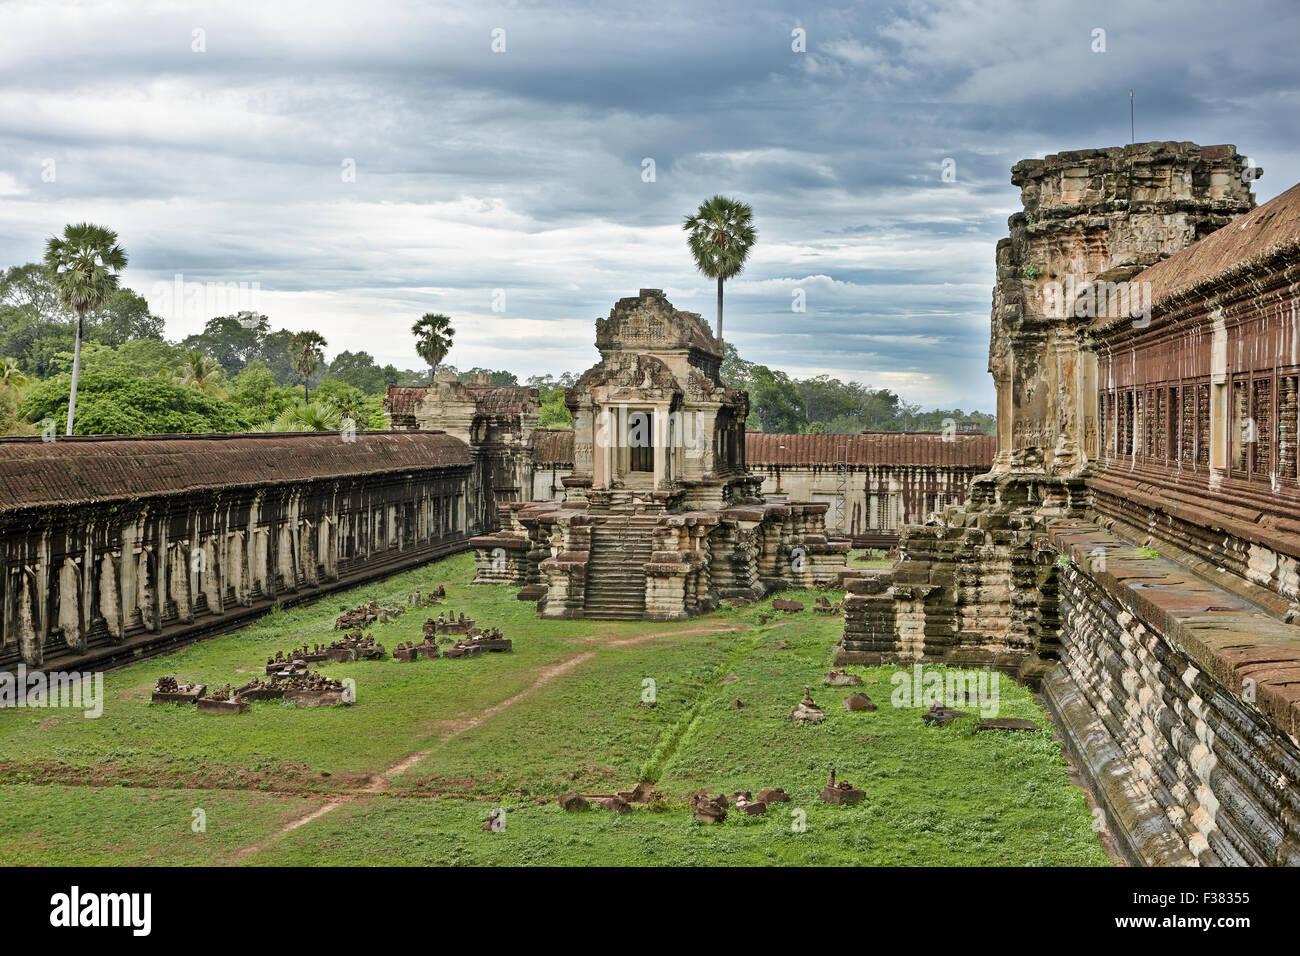 Templo de Angkor Wat. Parque arqueológico de Angkor, de la provincia de Siem Reap, Camboya. Imagen De Stock